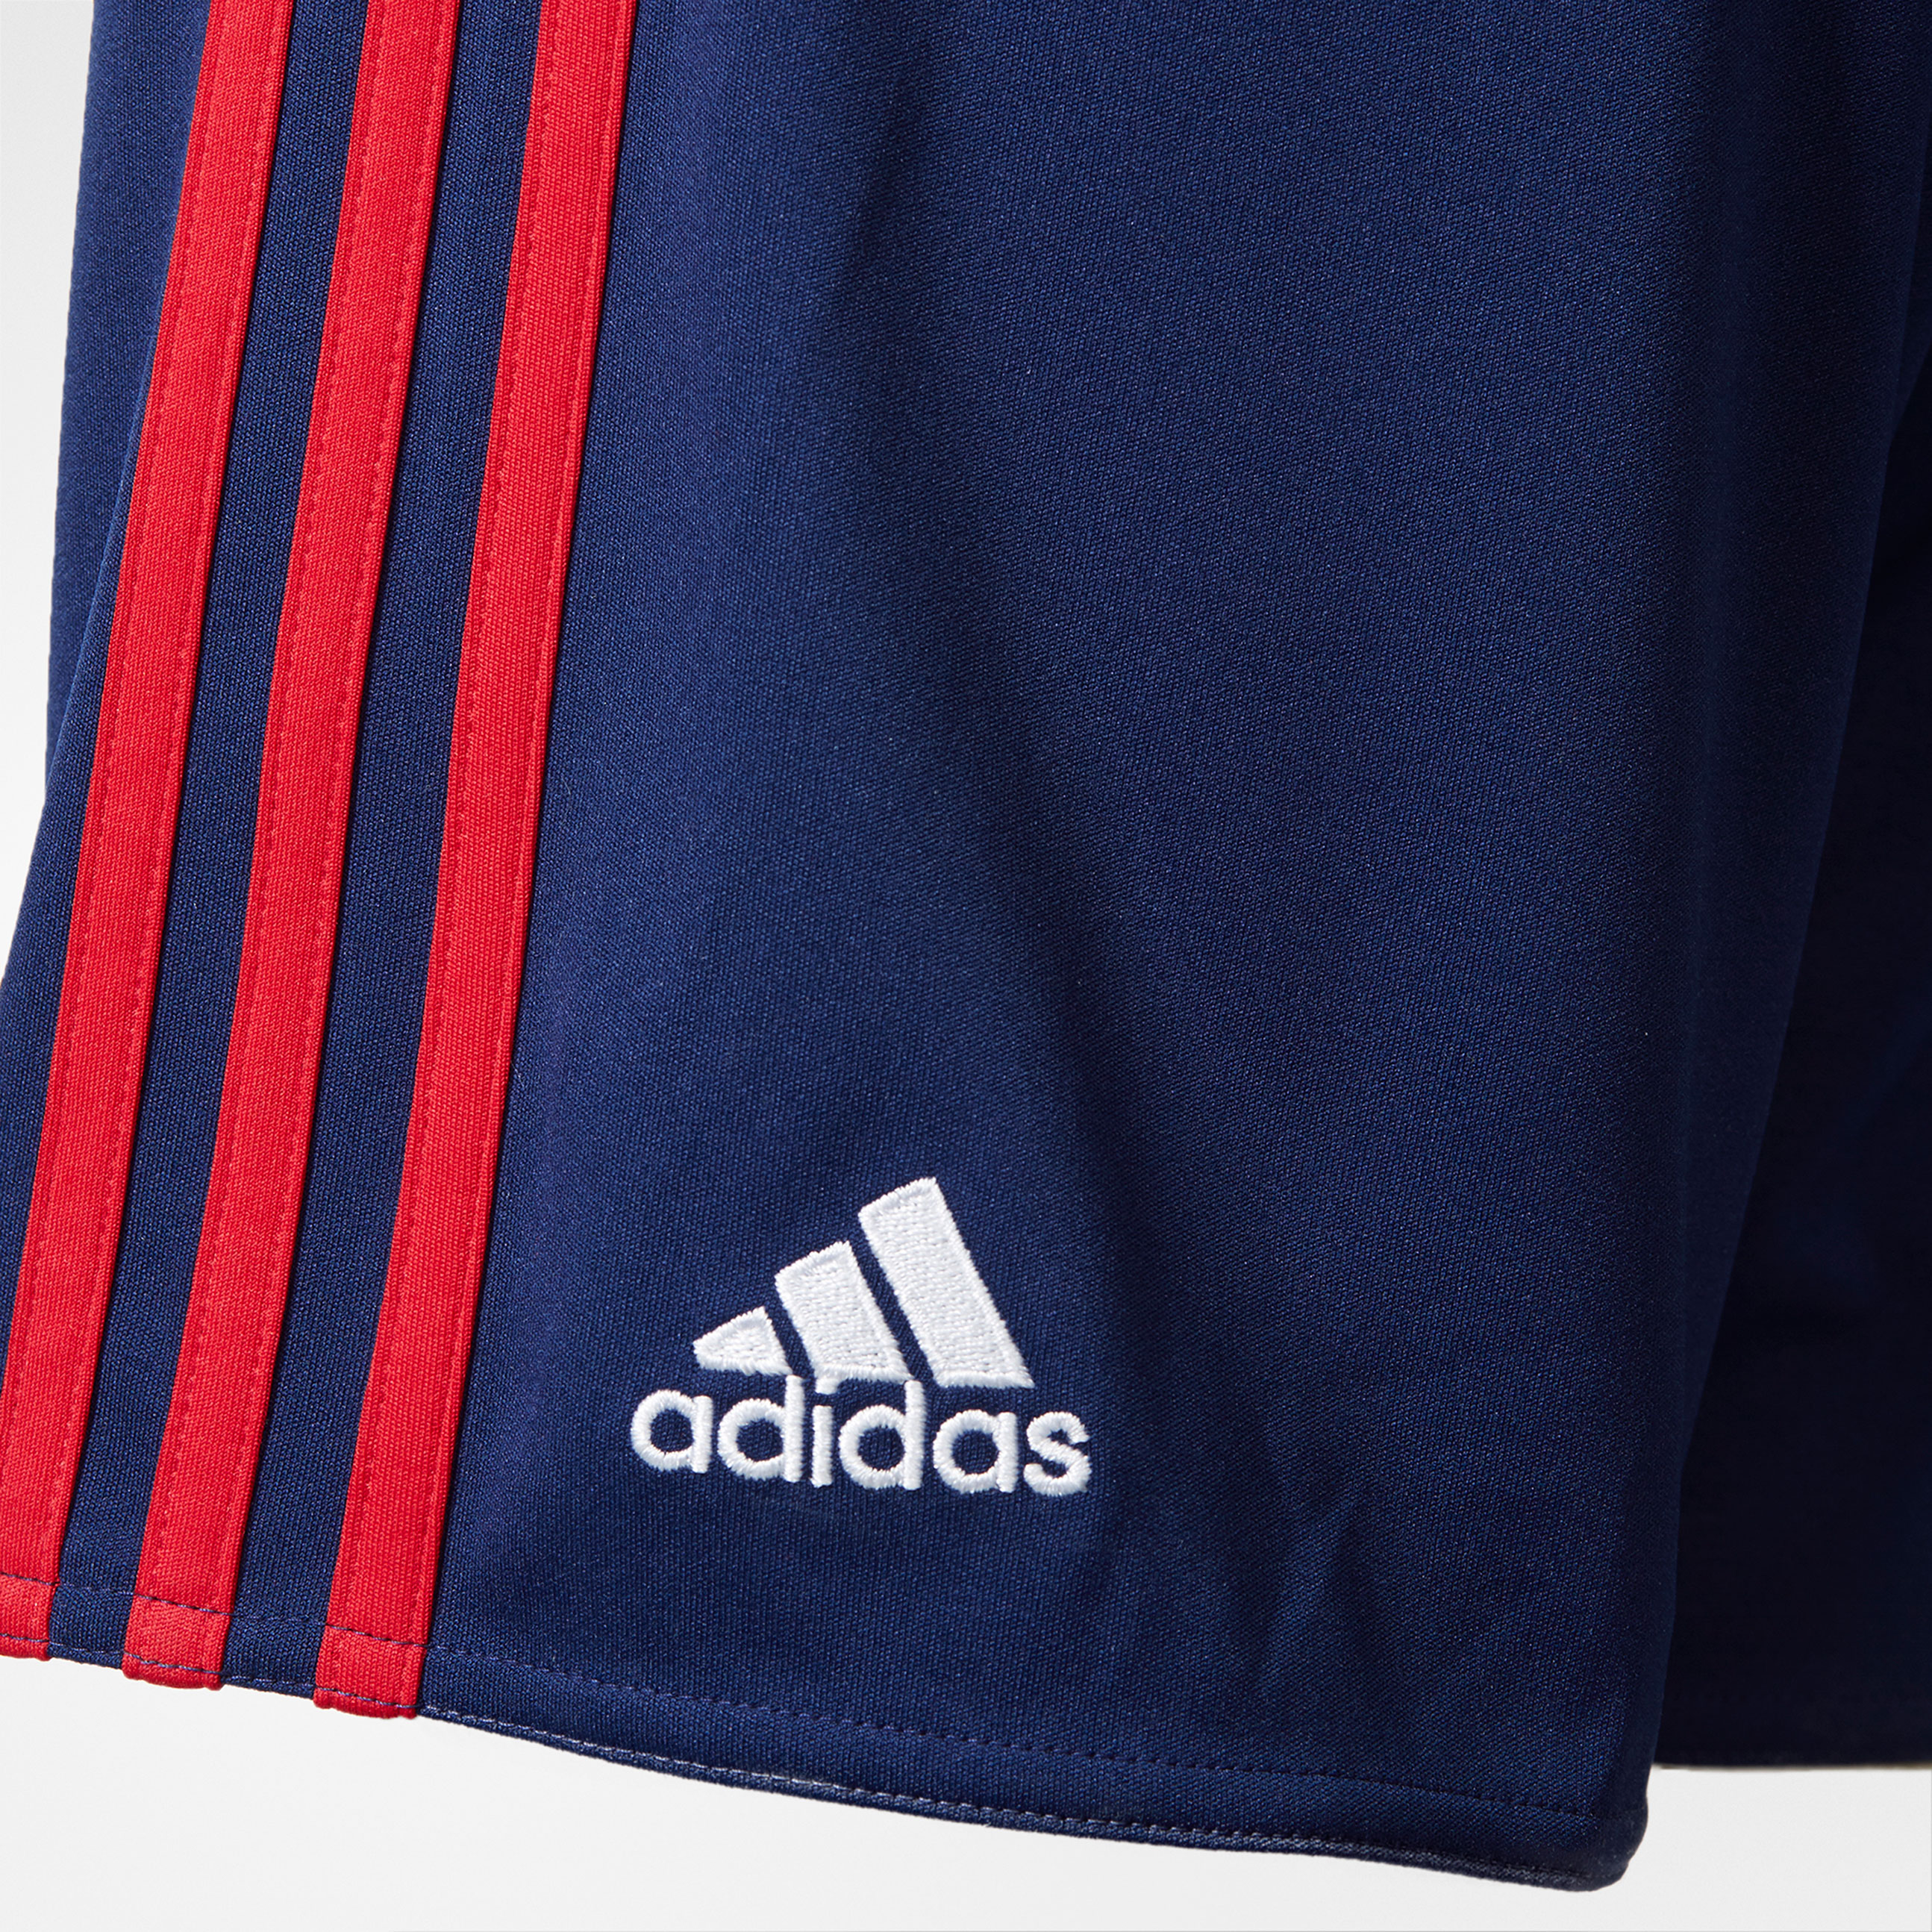 Popis · Na stiahnutie · Podobný tovar. Detské vonkajšie kraťasy Ajax  Amsterdam (sezóna 2017-2018) - Adidas. a388218f746